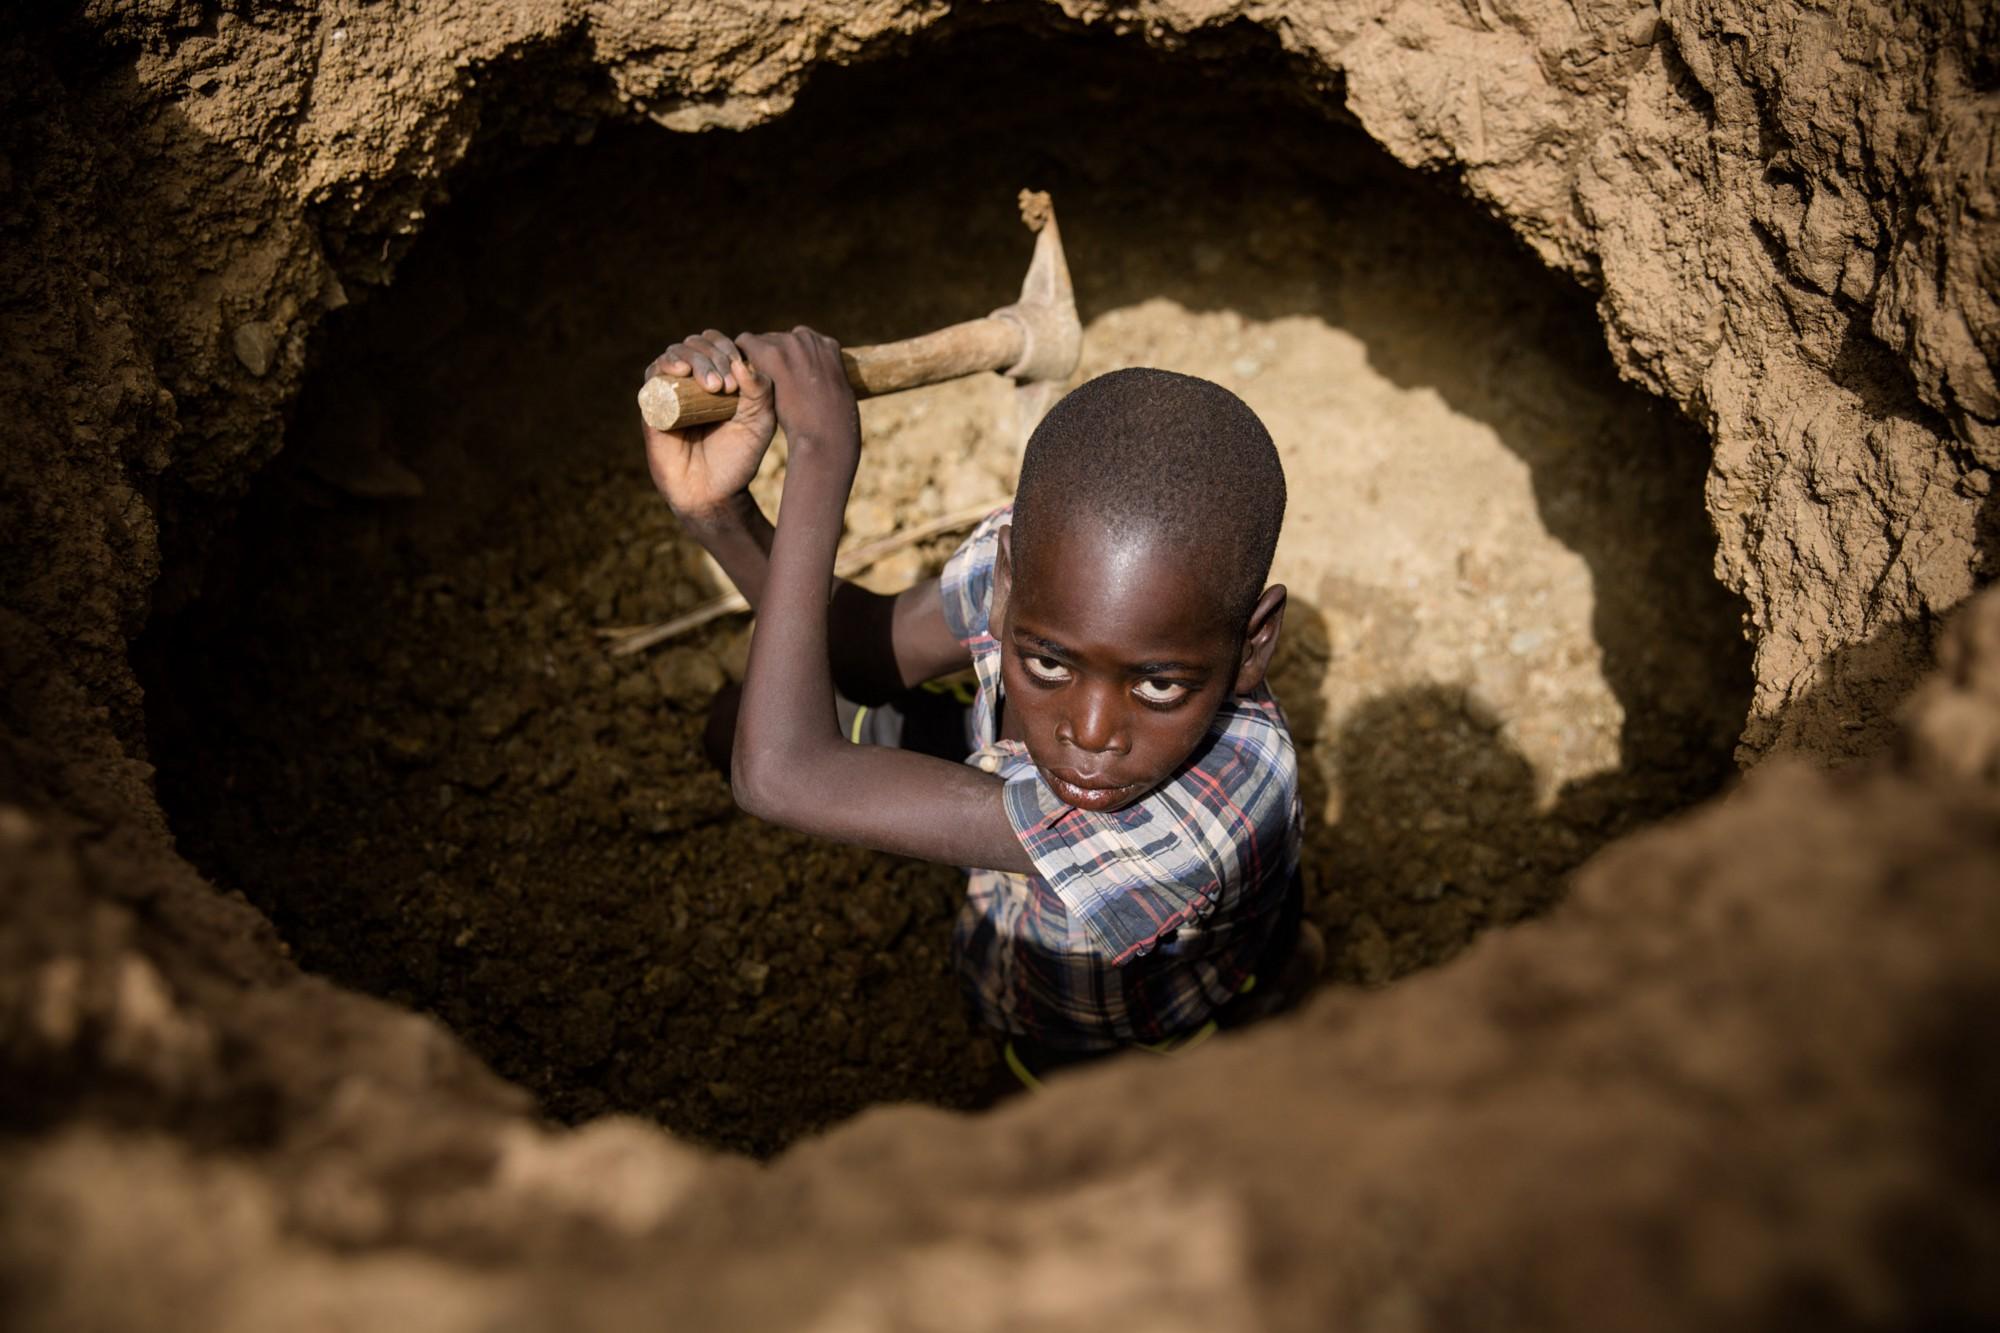 Un bambino in una miniera d'oro in Burkina Faso (Foto: Unicef/Garcia)